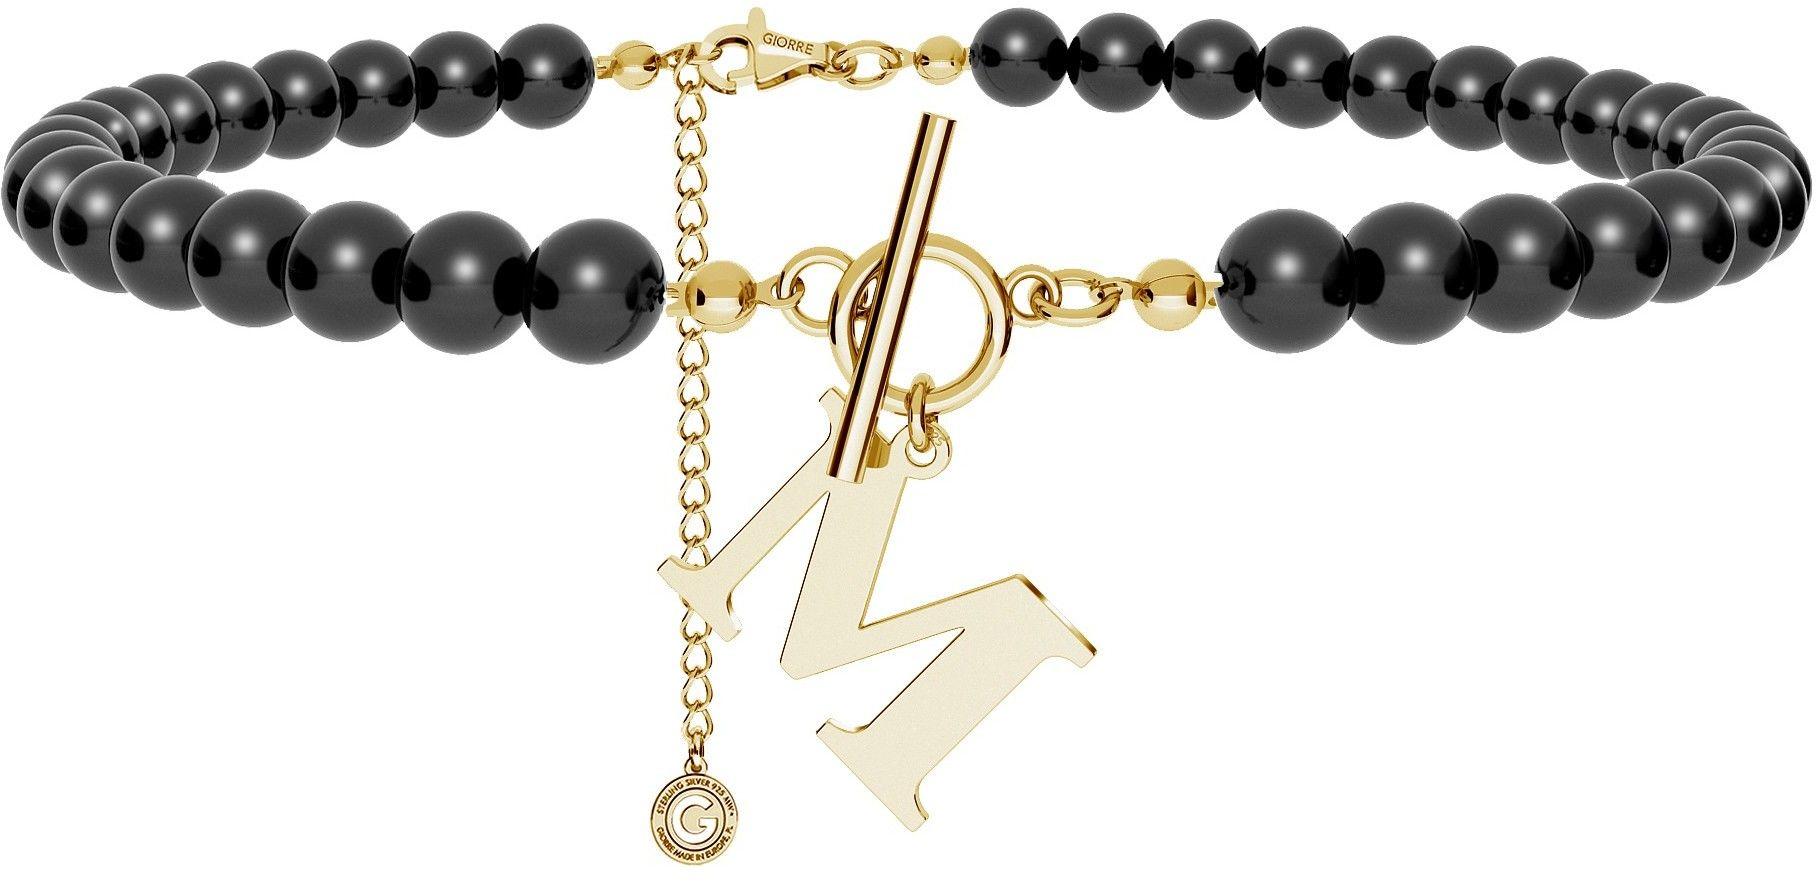 Czarny perłowy choker z dowolną literą, Swarovski, srebro 925 : Litera - K, Srebro - kolor pokrycia - Pokrycie żółtym 18K złotem